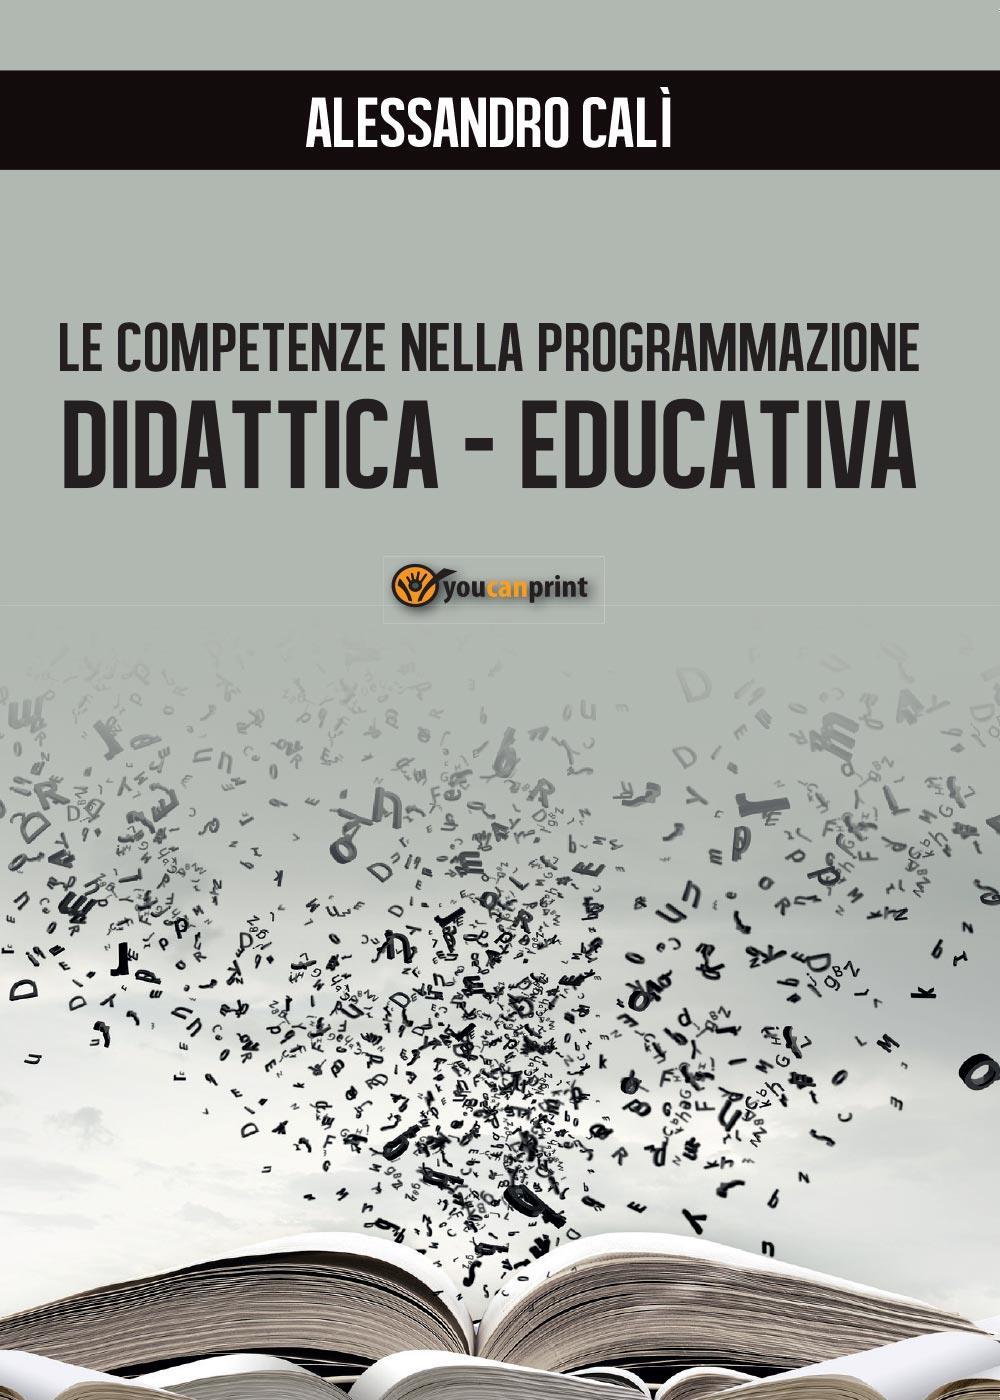 Le competenze nella programmazione didattica-educativa